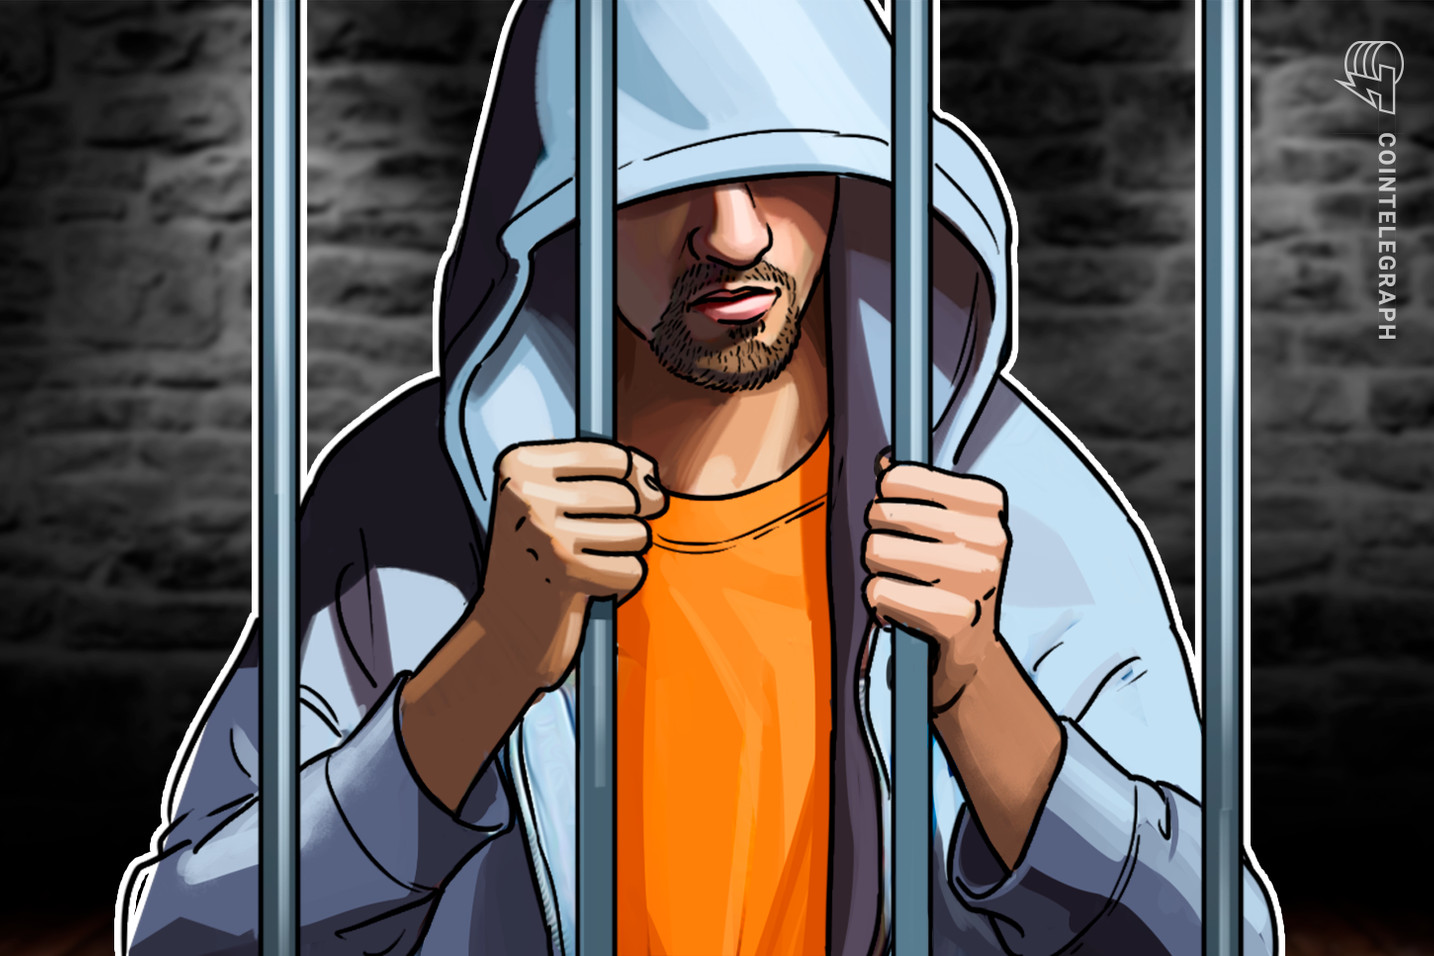 ETH-ontwikkelaar Virgil Griffith terug in de gevangenis na naar verluidt het Coinbase-account te hebben gecontroleerd